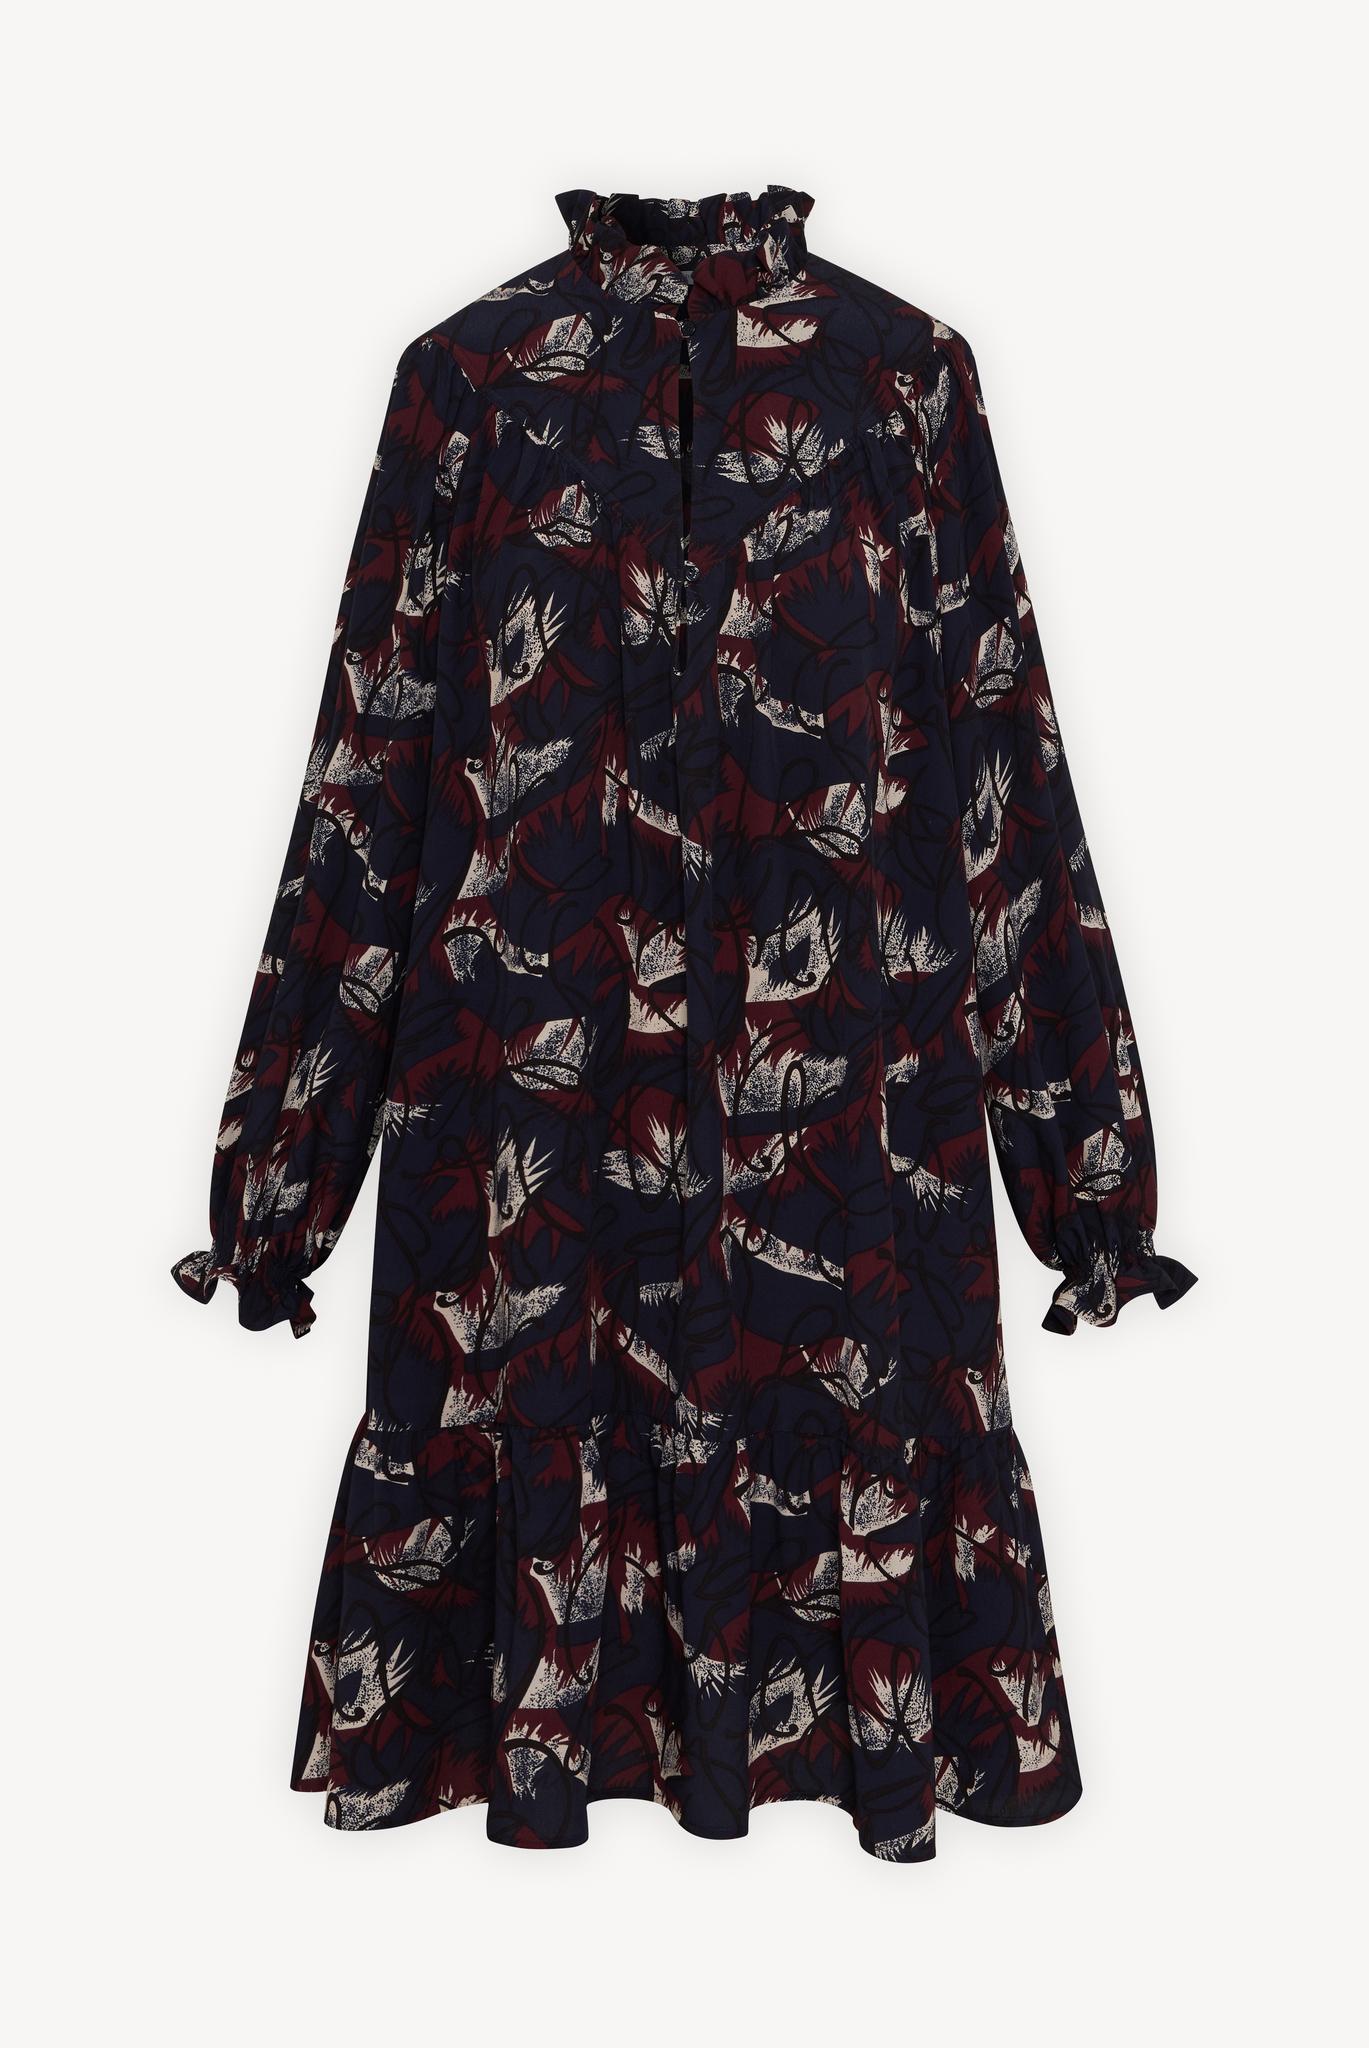 JULY - Короткое свободное платье с рюшами